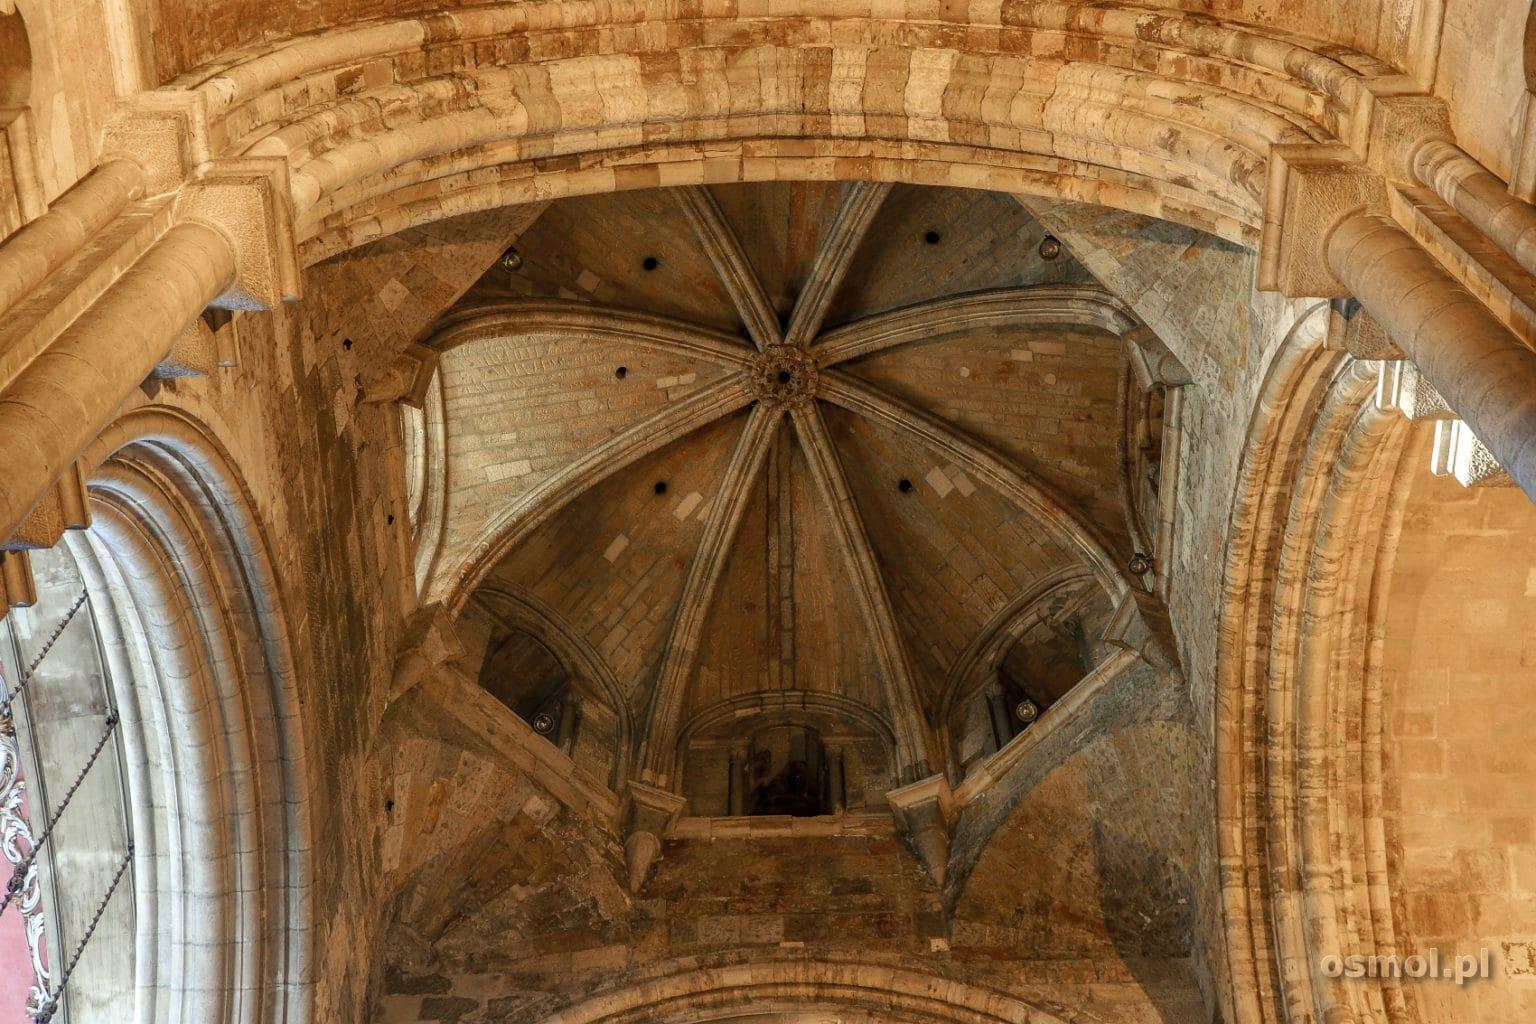 Sklepienie katedry w Lizbonie